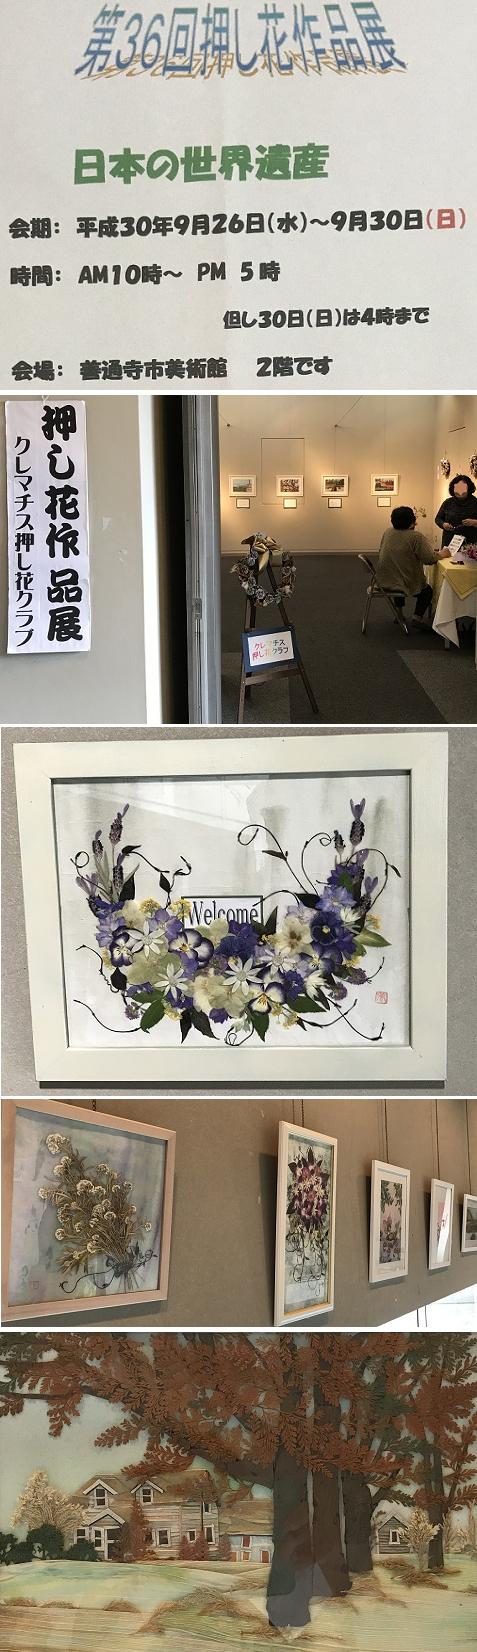 20180927押し花展 11